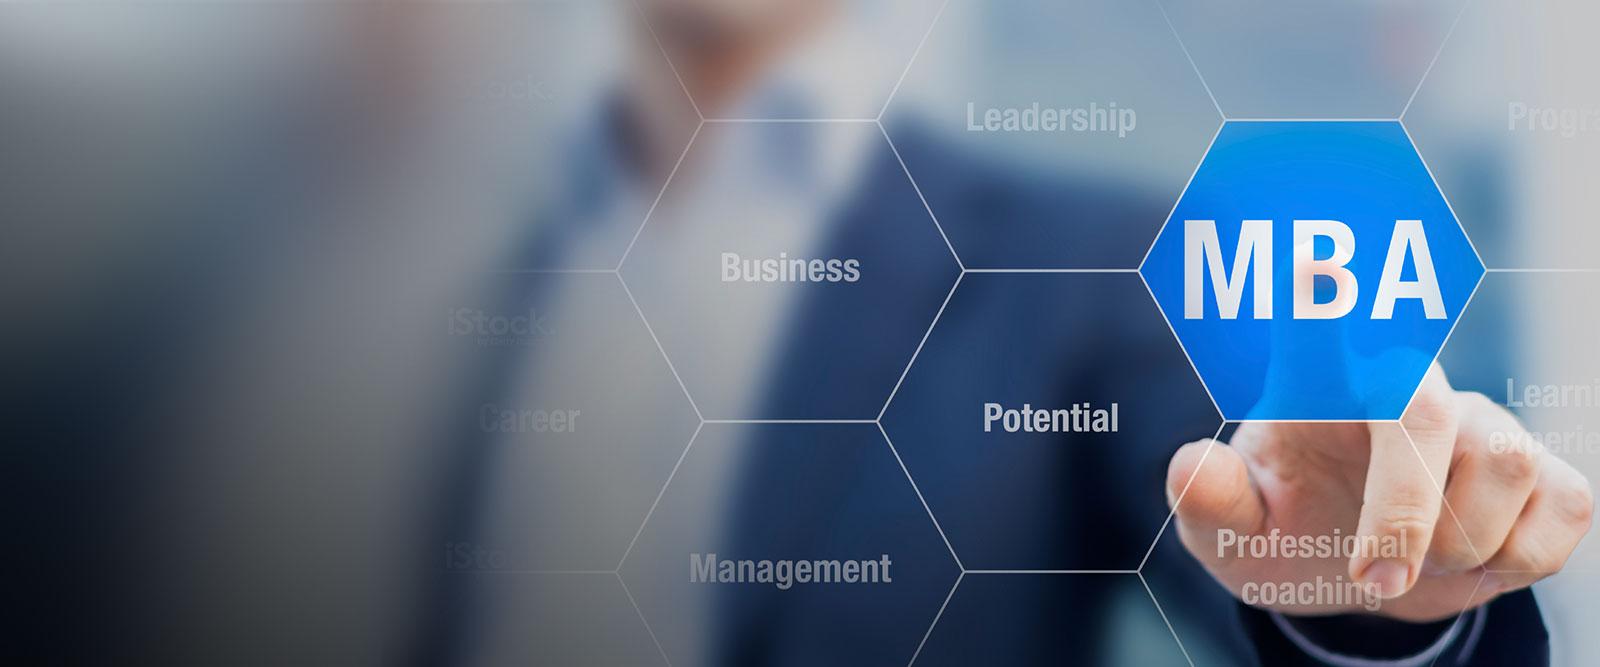 رشته مدیریت کسب و کار MBA